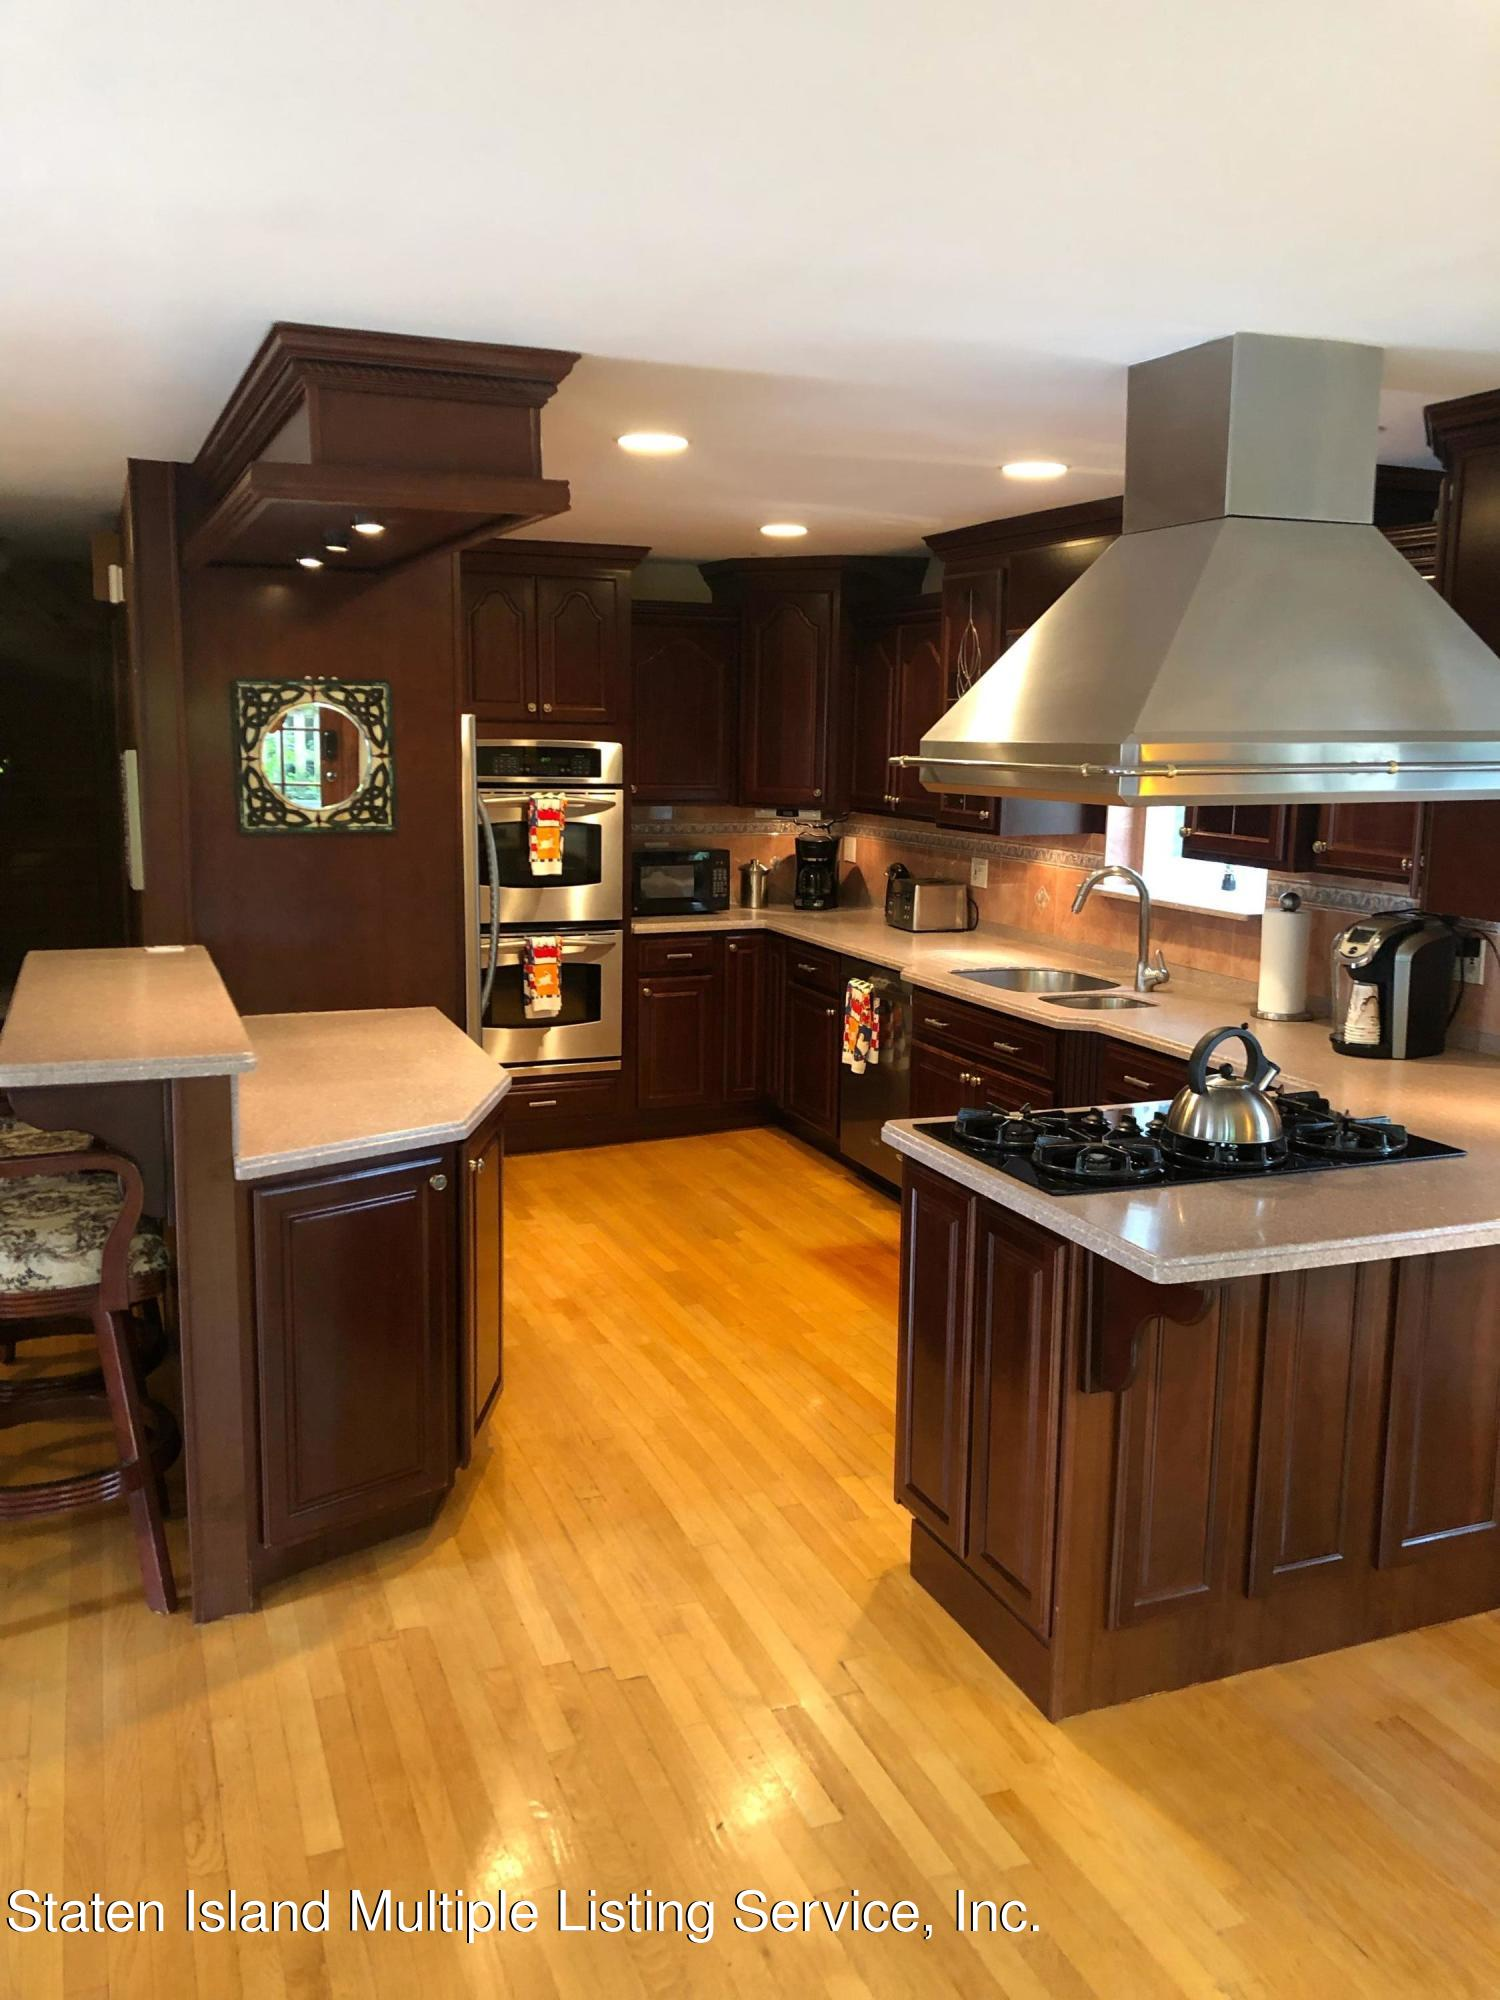 Single Family - Detached 88 Howton Avenue  Staten Island, NY 10308, MLS-1147500-2